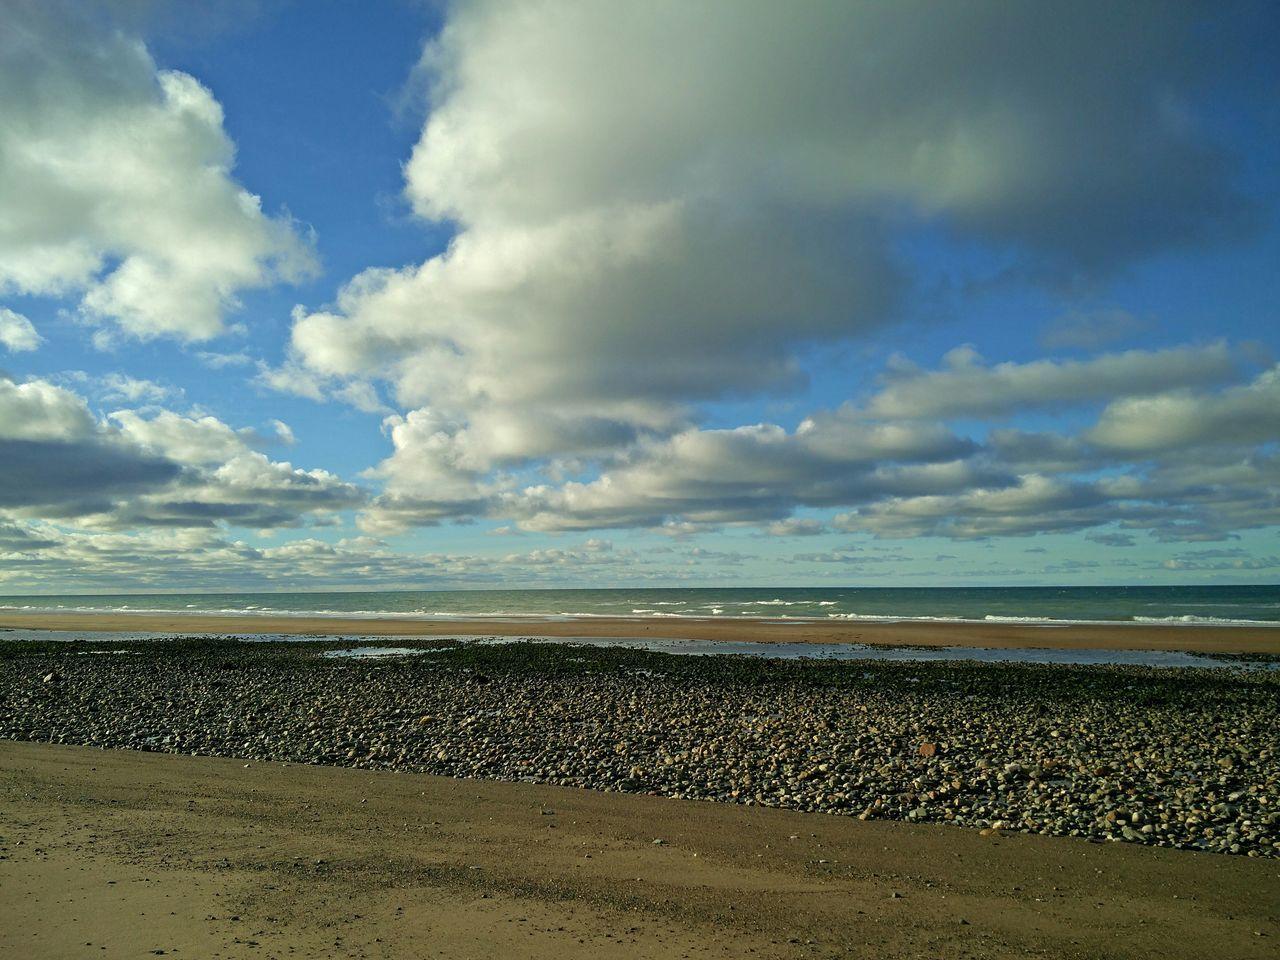 Beach By Sea Against Cloudy Sky